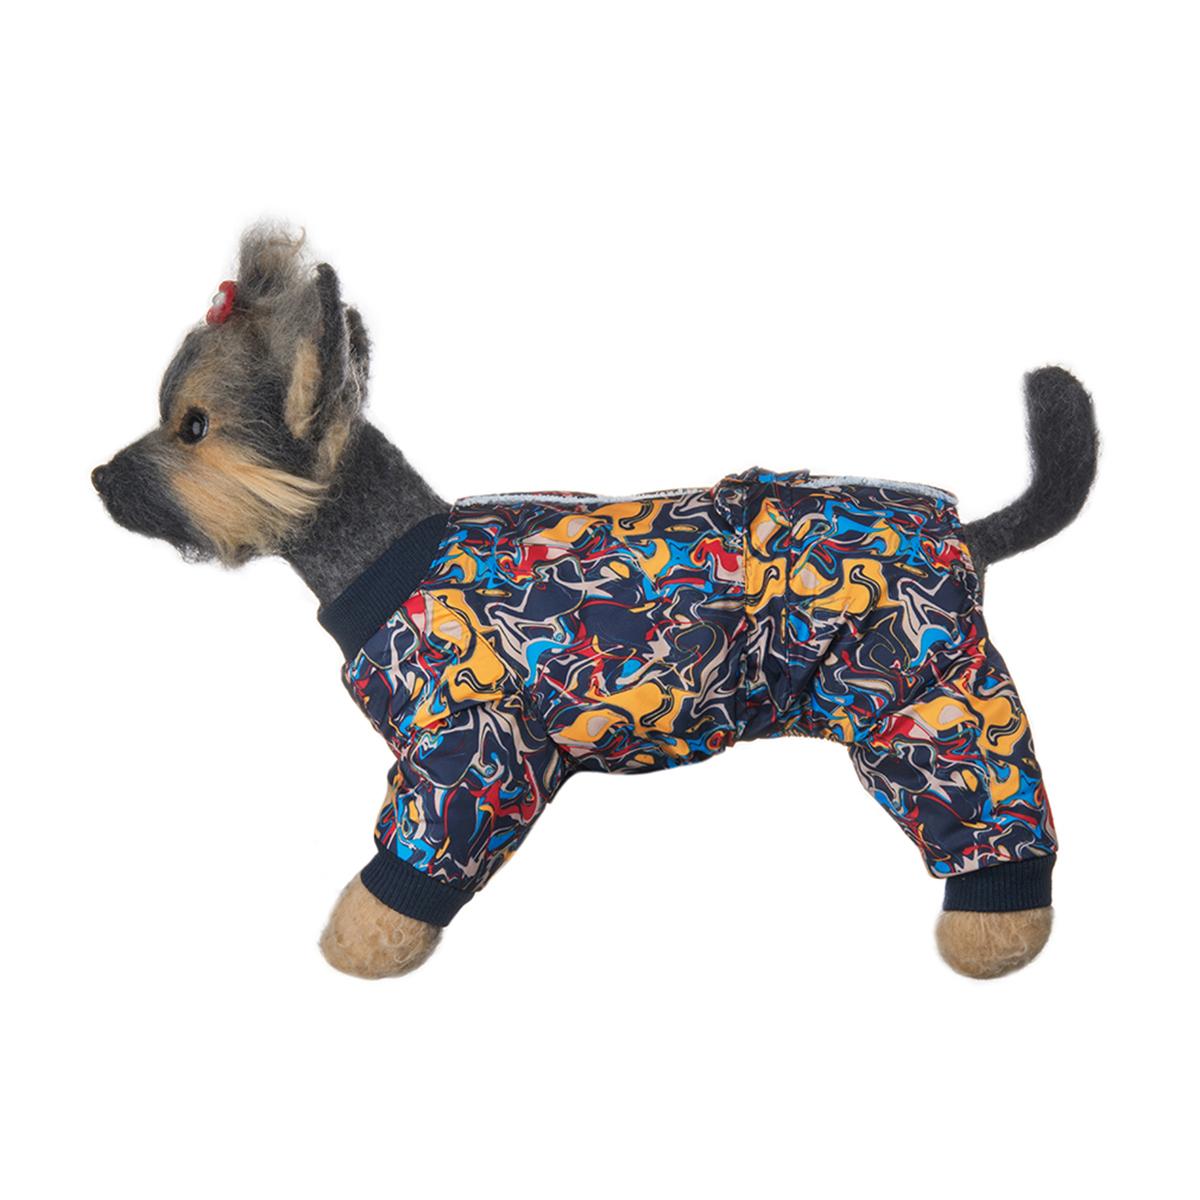 Комбинезон для собак Dogmoda Лаки, зимний, для мальчика, цвет: синий, желтый, красный. Размер 4 (XL)0120710Комбинезон для собак Dogmoda Лаки, оформленный ярким рисунком, отлично подойдет для прогулок в зимнее время года. Комбинезон изготовлен из водоотталкивающего полиэстера, защищающего от ветра и снега, с утеплителем из синтепона, который сохранит тепло даже в сильные морозы, а в качестве подкладки используется искусственный мех, который обеспечивает отличный воздухообмен. Комбинезон застегивается на кнопки на спинке, благодаря чему его легко надевать и снимать. Ворот, низ рукавов и брючин оснащены широкими трикотажными манжетами, которые мягко обхватывают шею и лапки, не позволяя просачиваться холодному воздуху. На пояснице комбинезон затягивается на шнурок-кулиску. Благодаря такому комбинезону простуда не грозит вашему питомцу, и он сможет испытать не сравнимое удовольствие от снежных игр и забав.